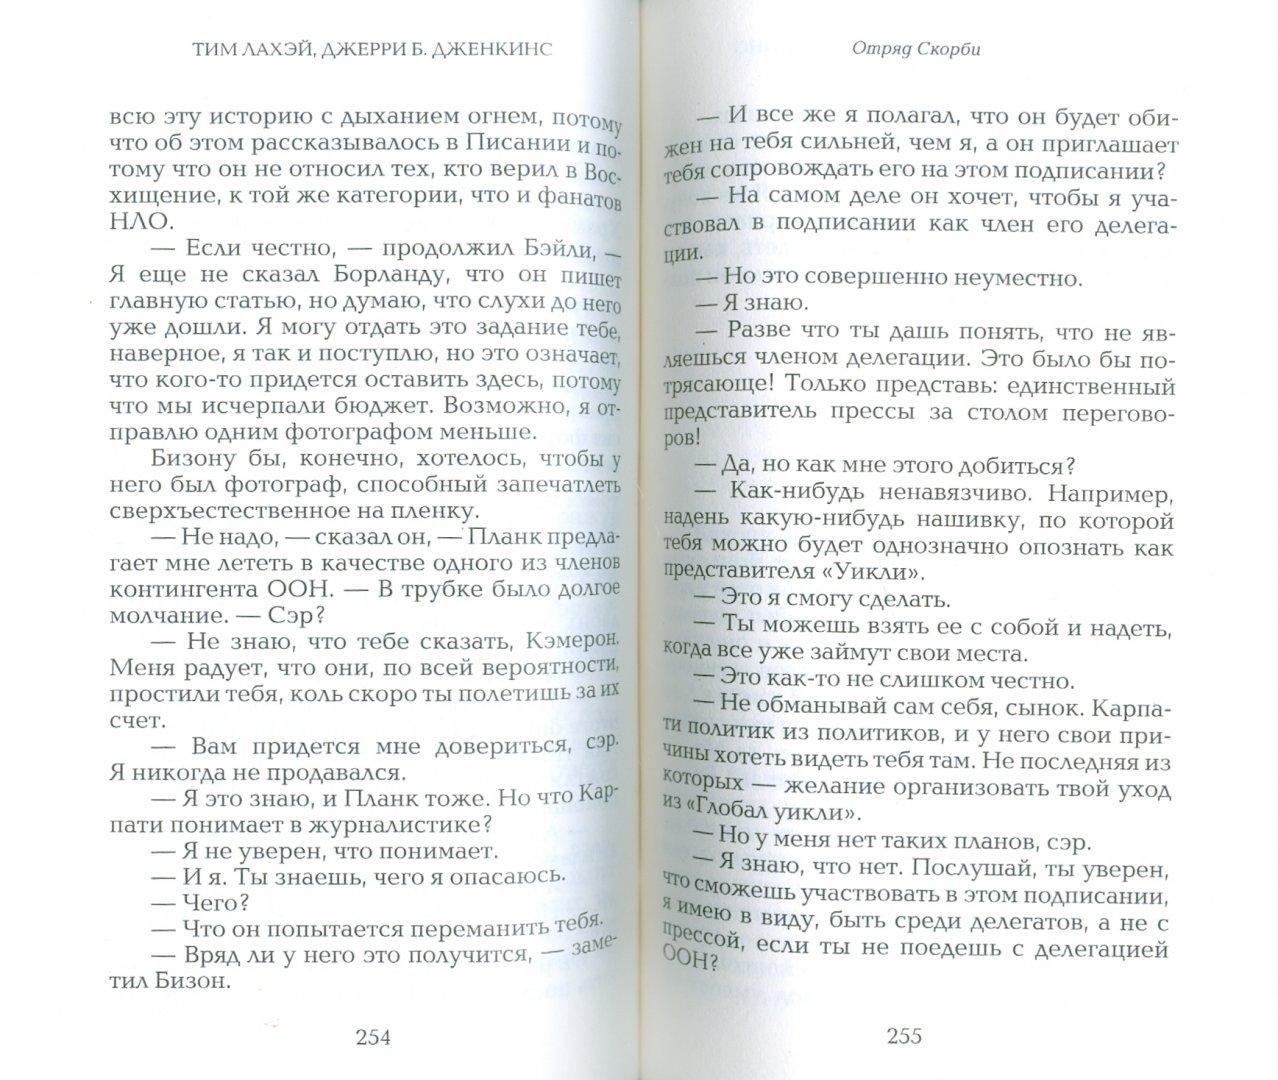 Иллюстрация 1 из 24 для Отряд Скорби - ЛаХэй, Дженкинс   Лабиринт - книги. Источник: Лабиринт